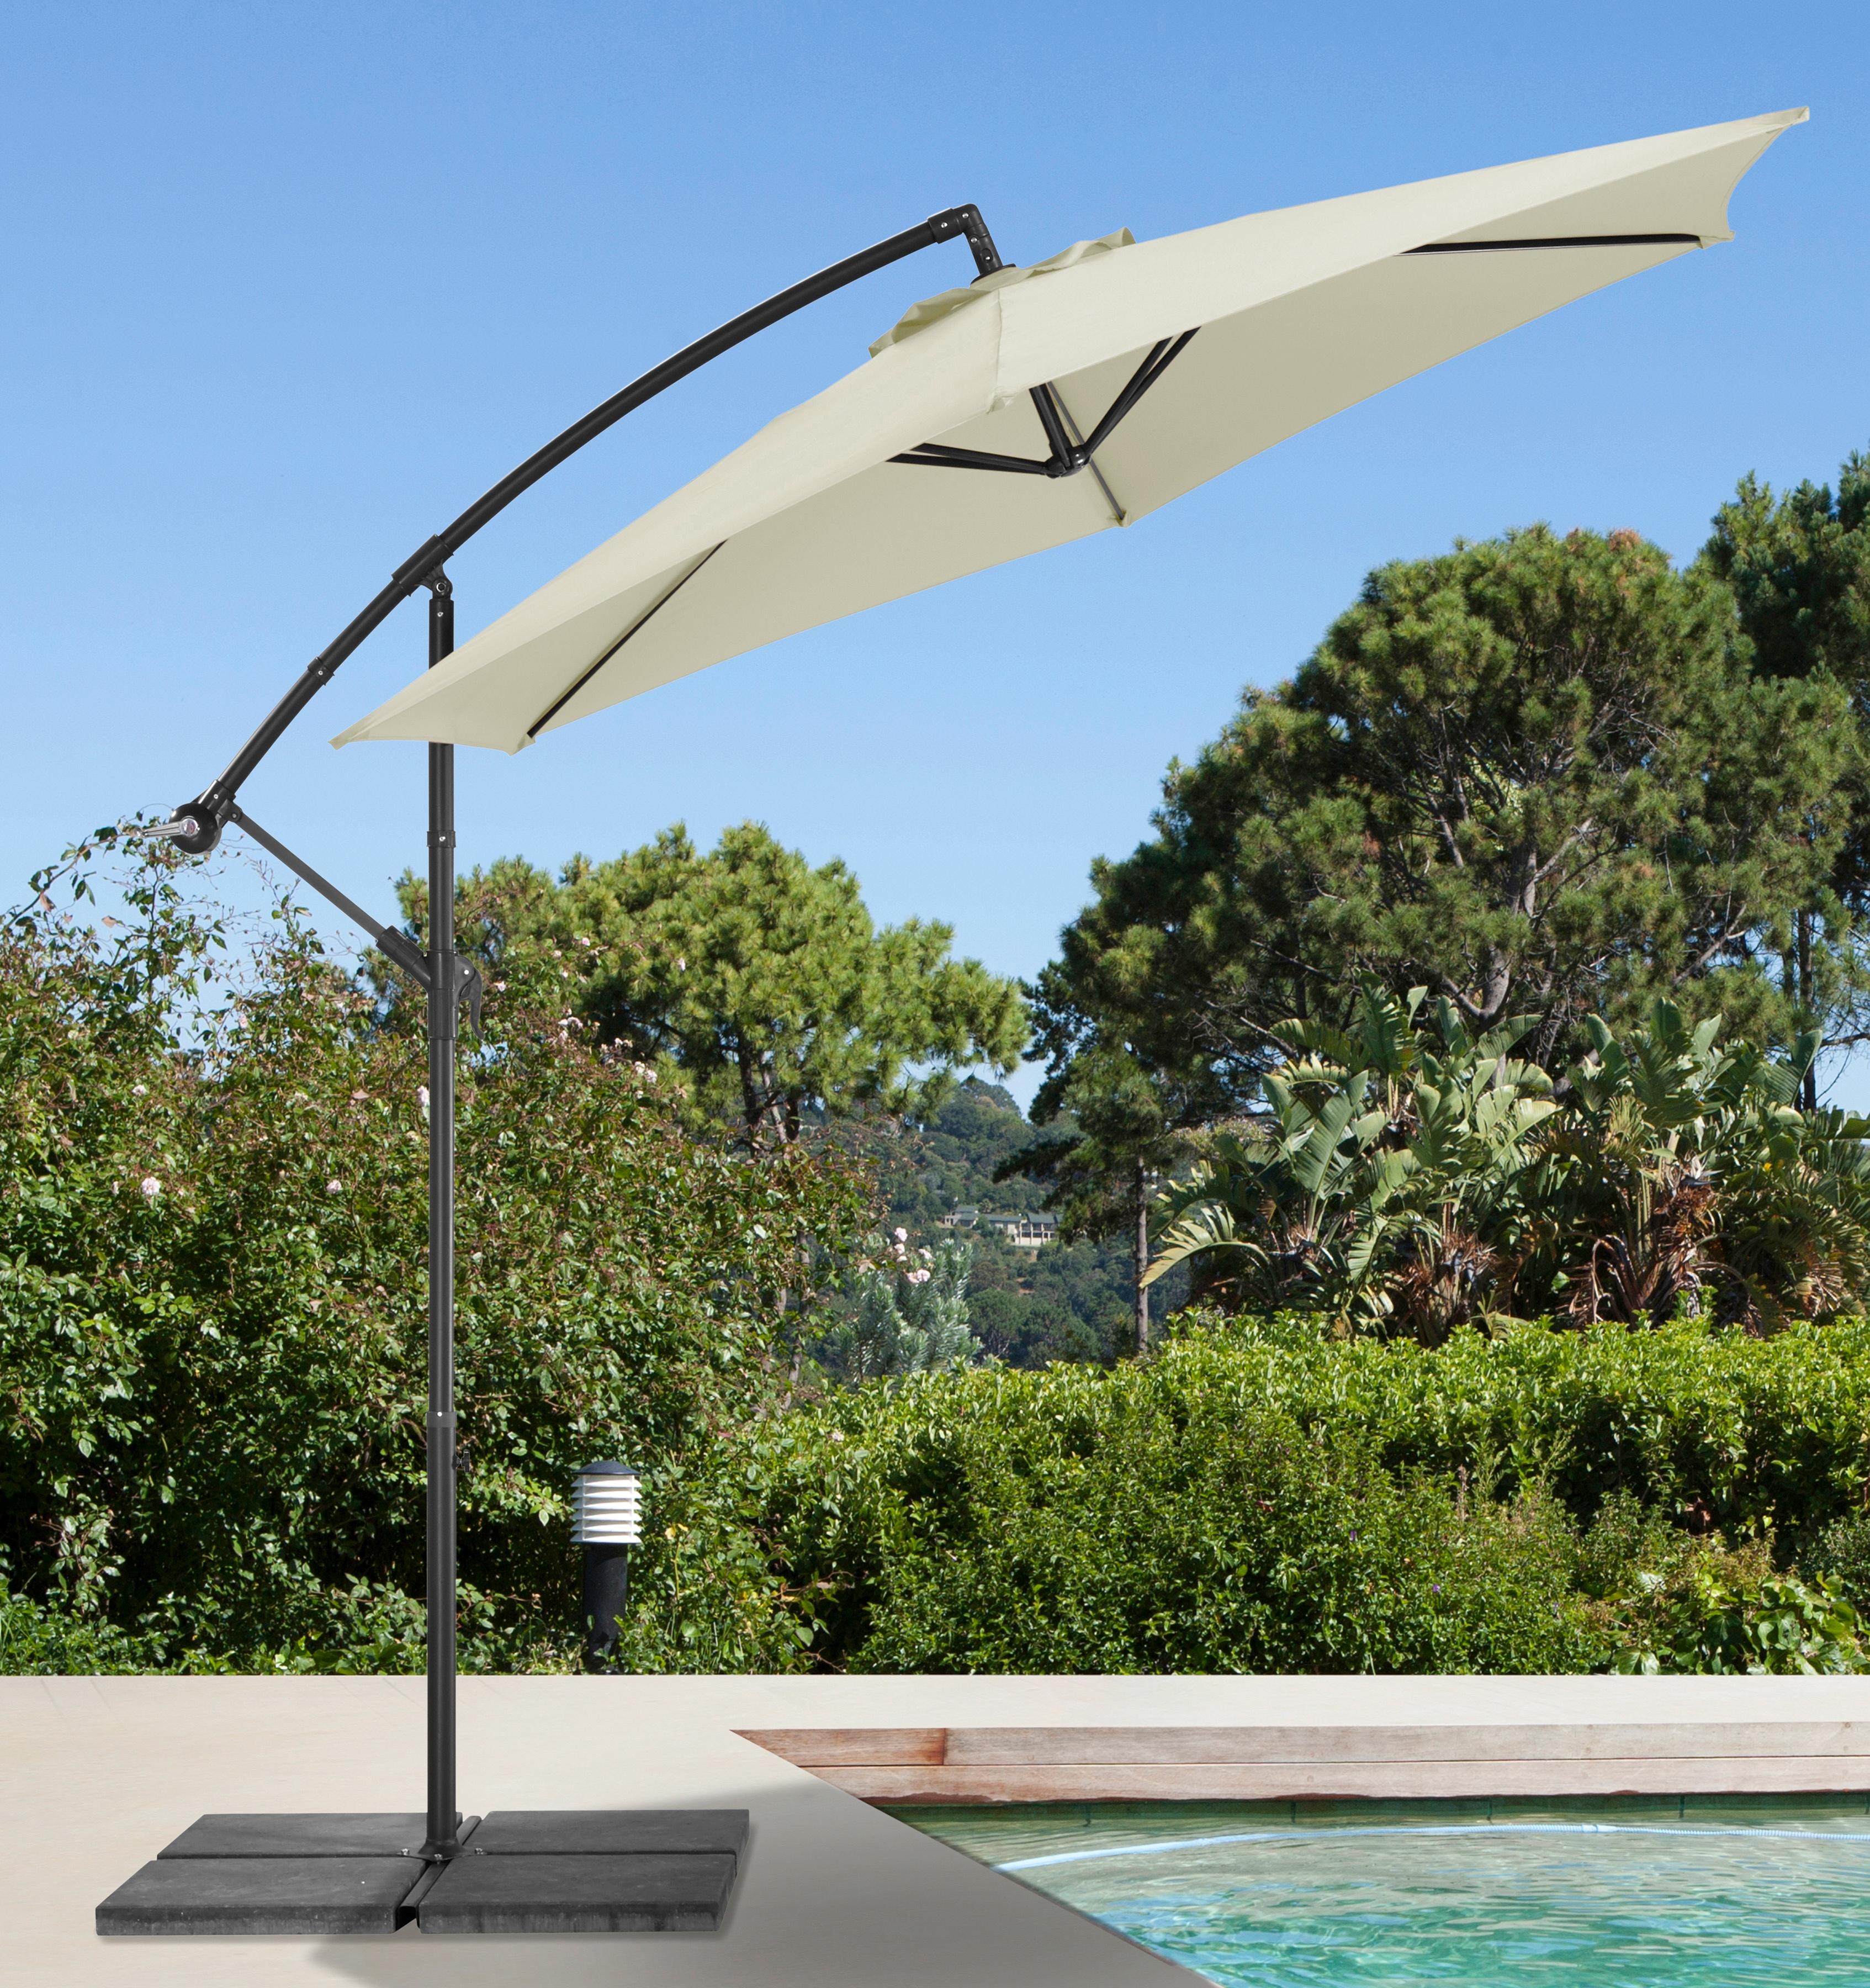 garten gut Ampelschirm Sunshine, abknickbar, mit Schirmstände beige Sonnenschirme -segel Gartenmöbel Gartendeko